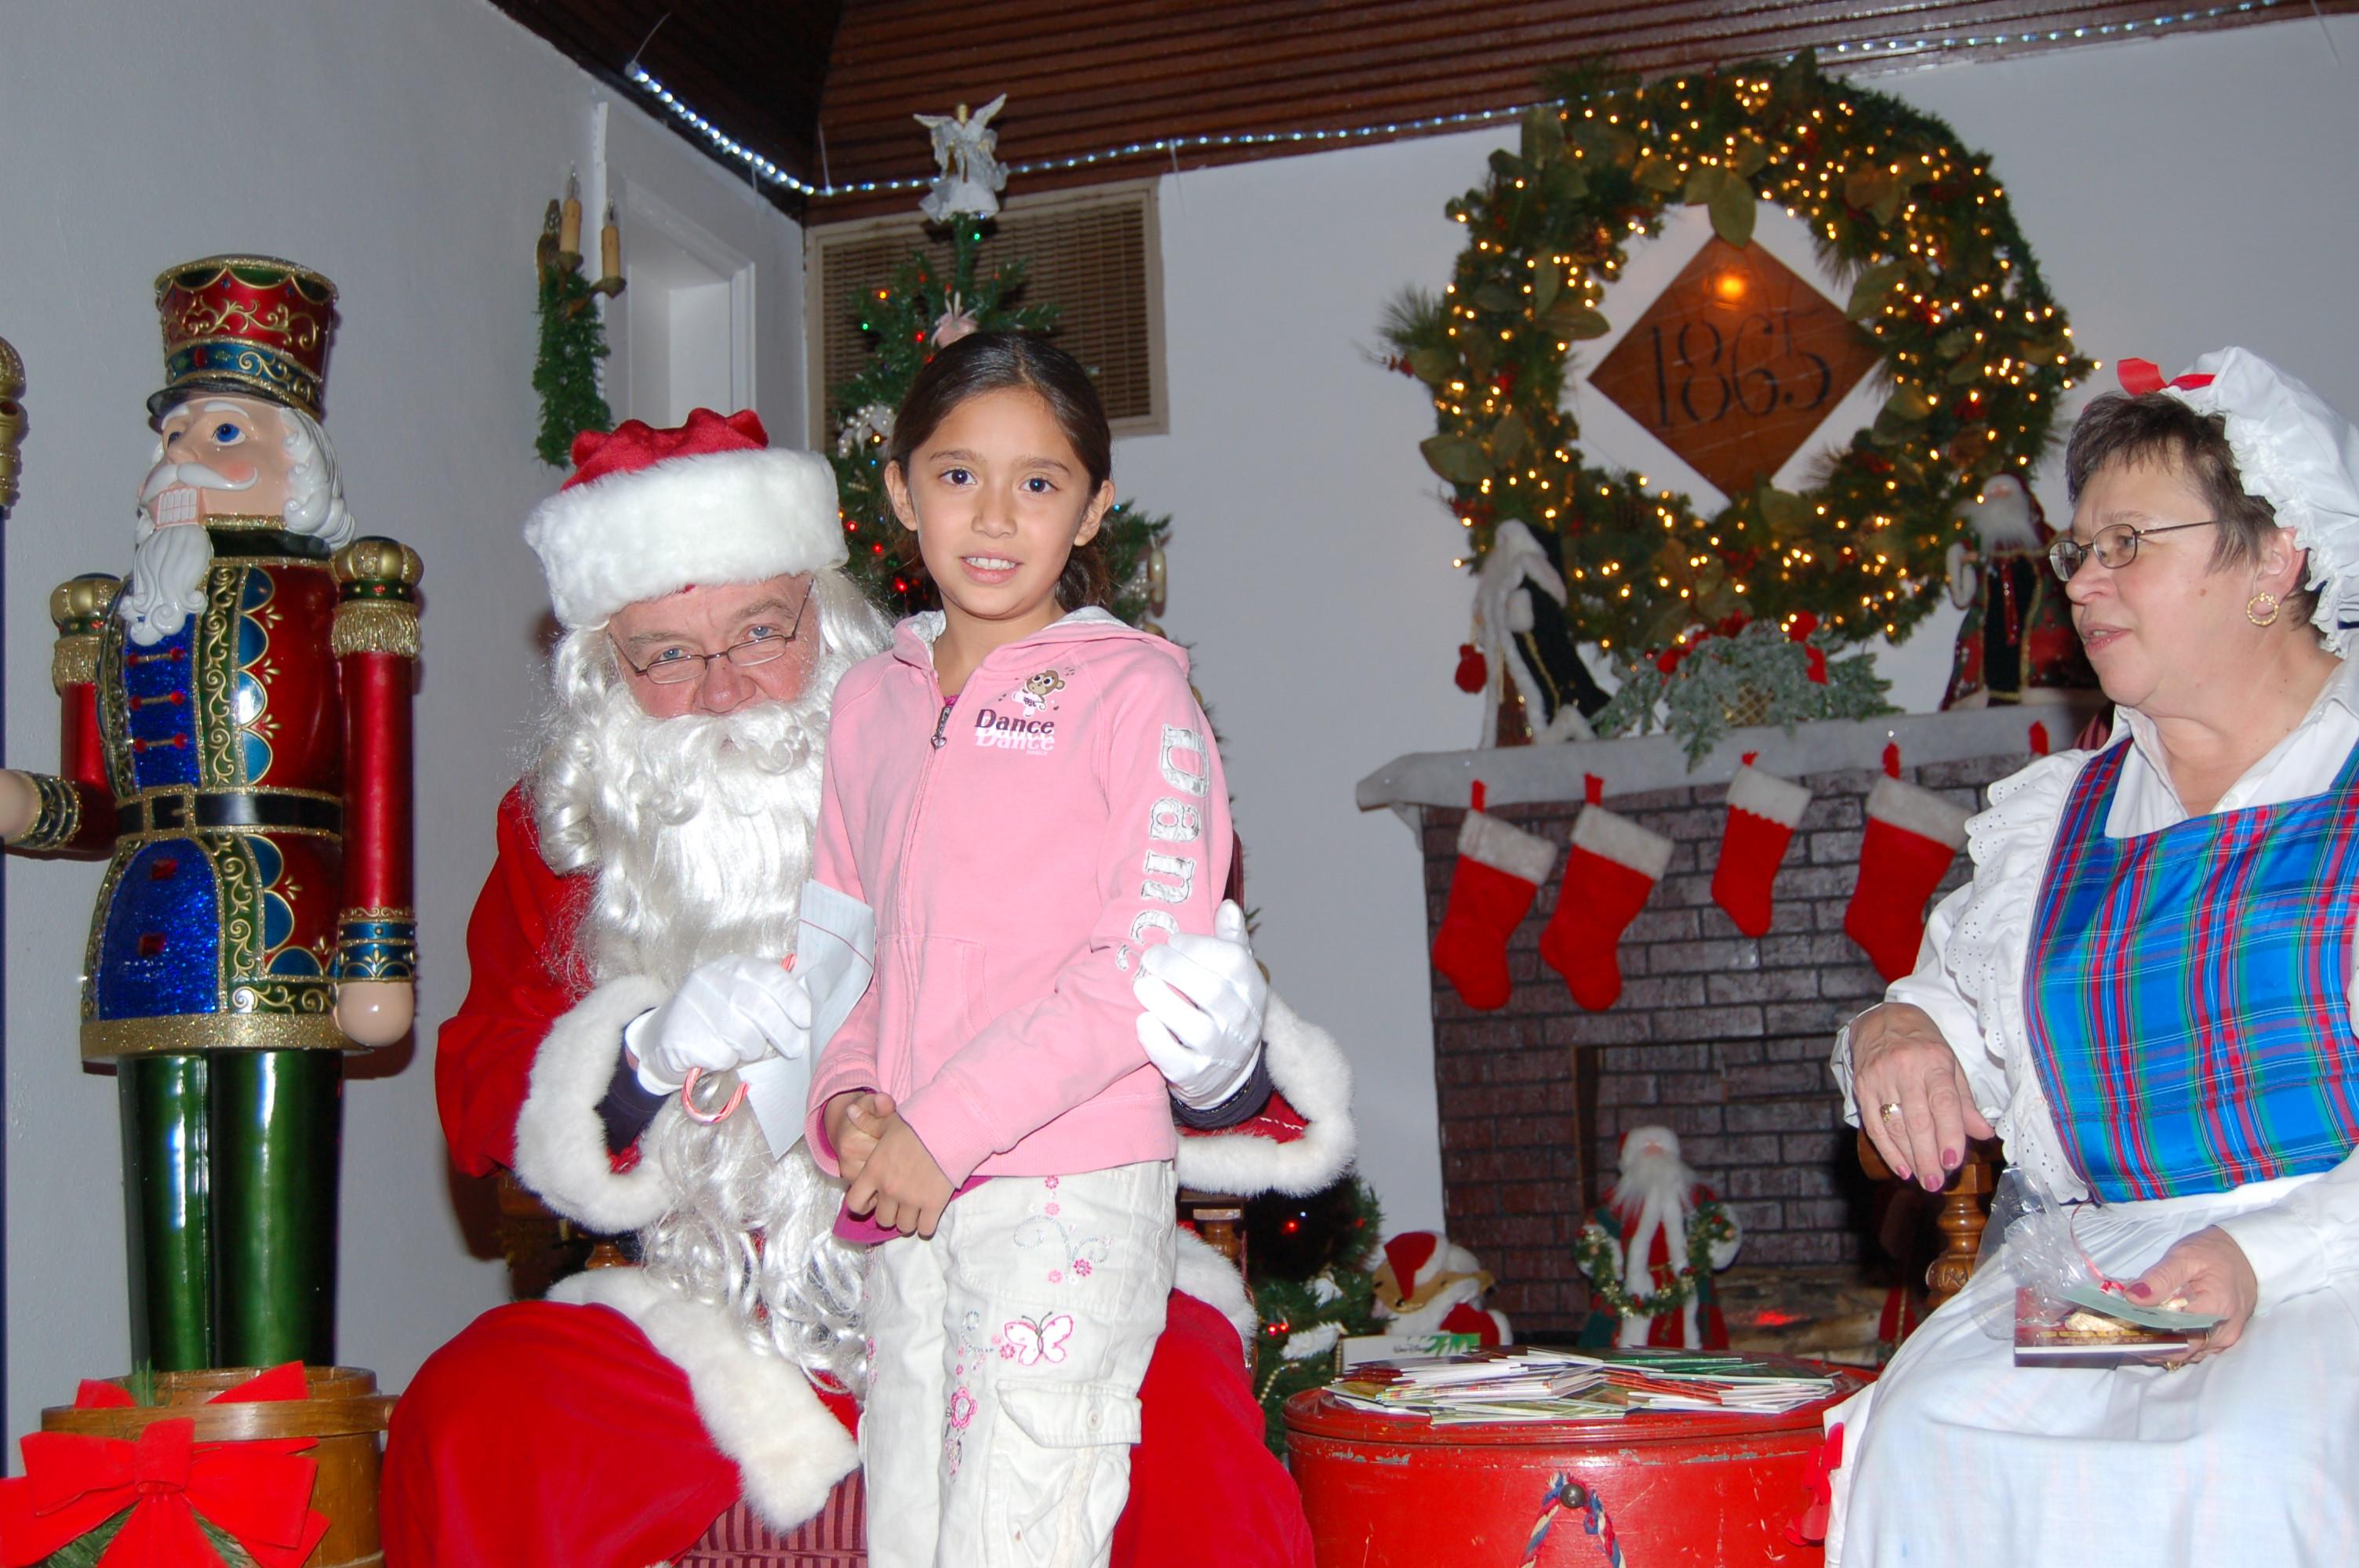 LolliPop+Lane+12-11-2008+Picture+003.jpg